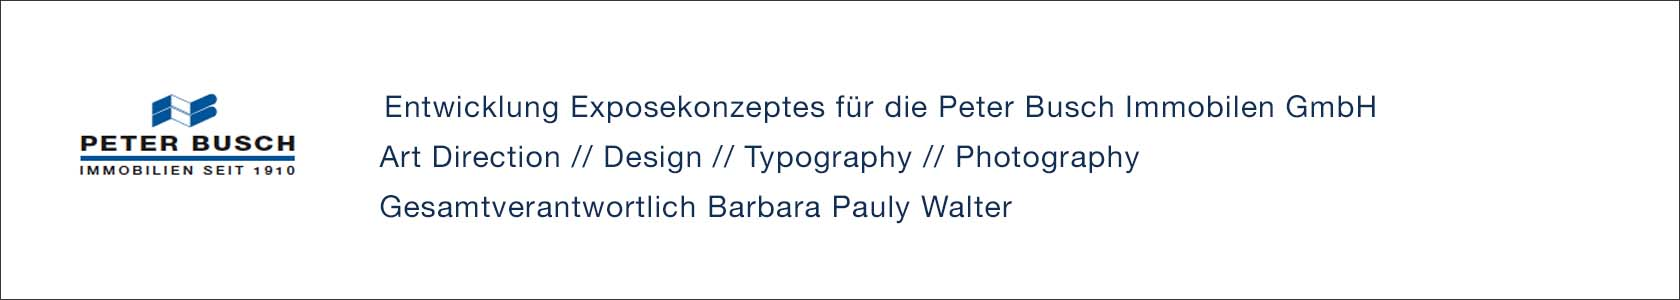 pbi_erlaeuterung2